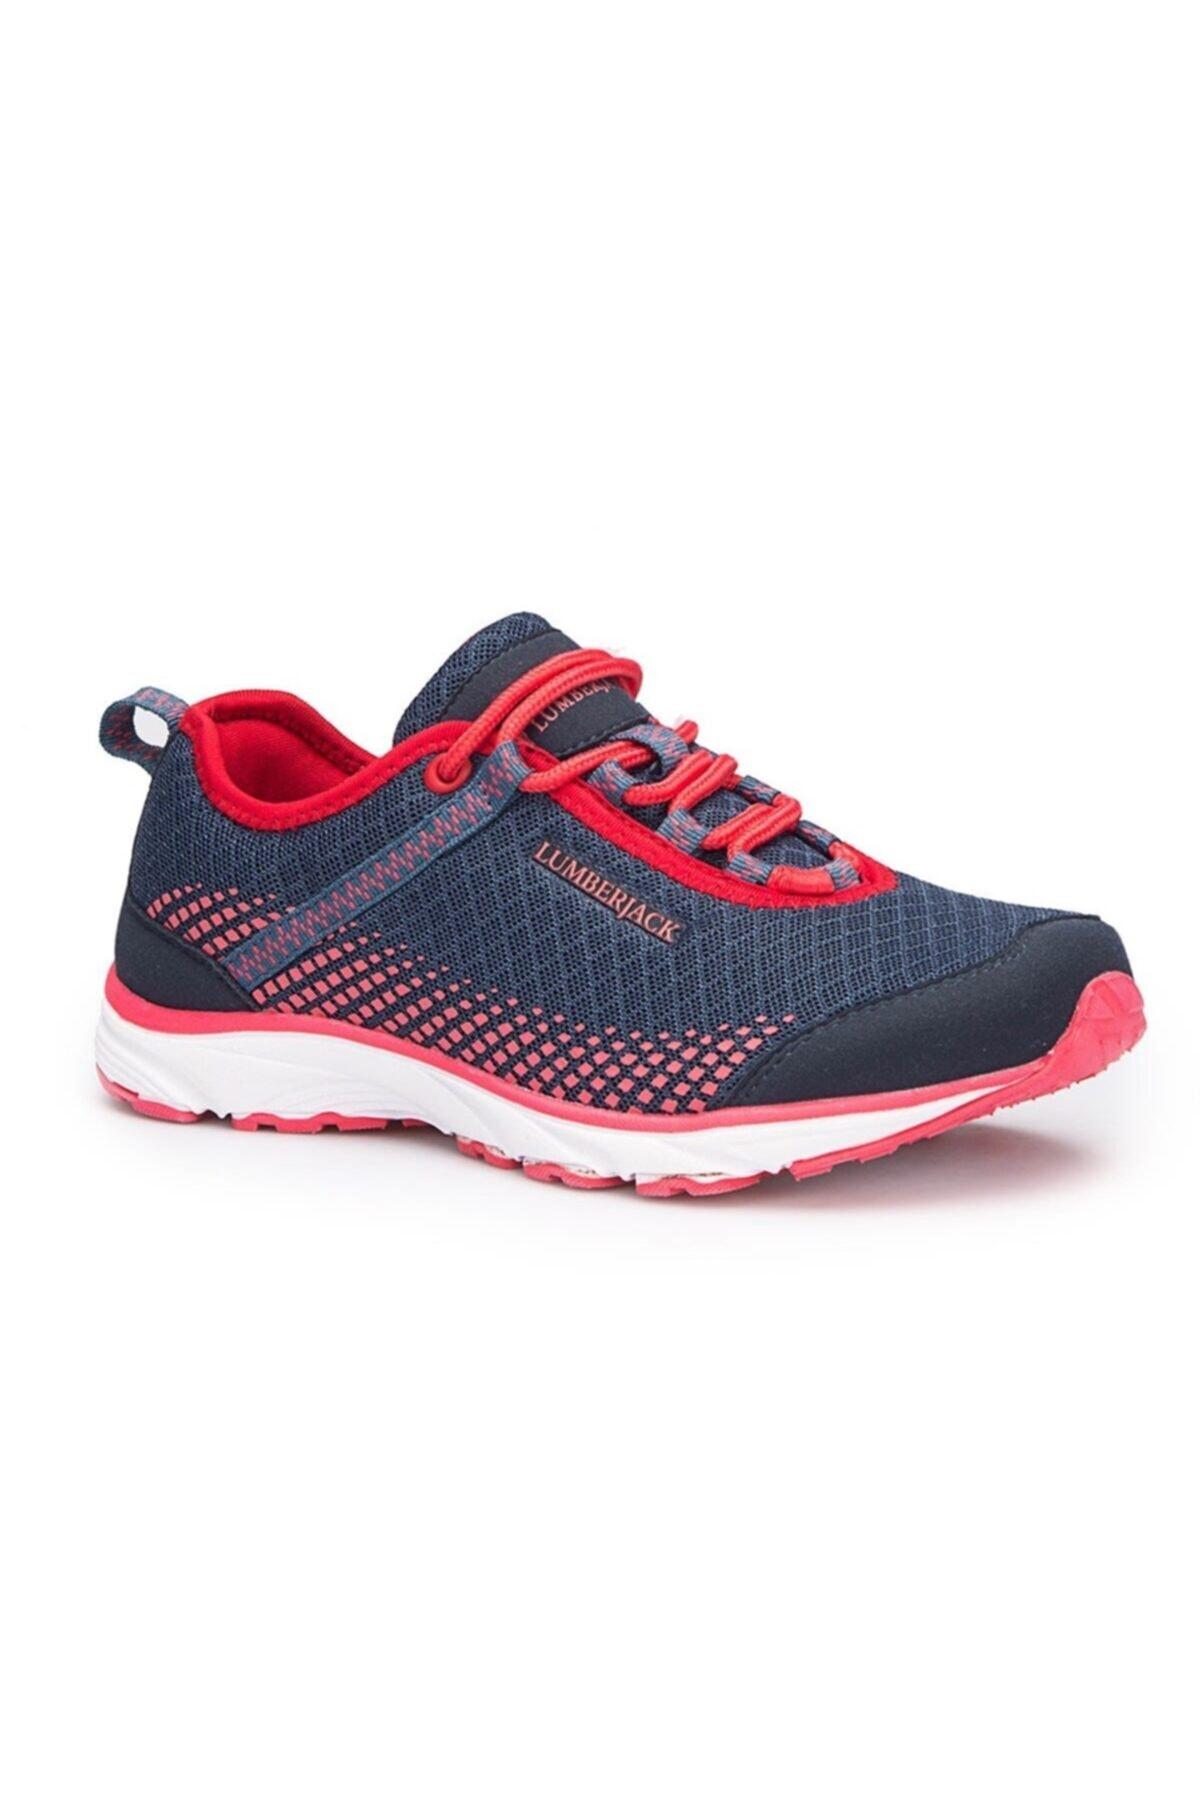 lumberjack Dare Kadın Sneaker Günlük Spor Ayakkabı Laci Kırmızı 1